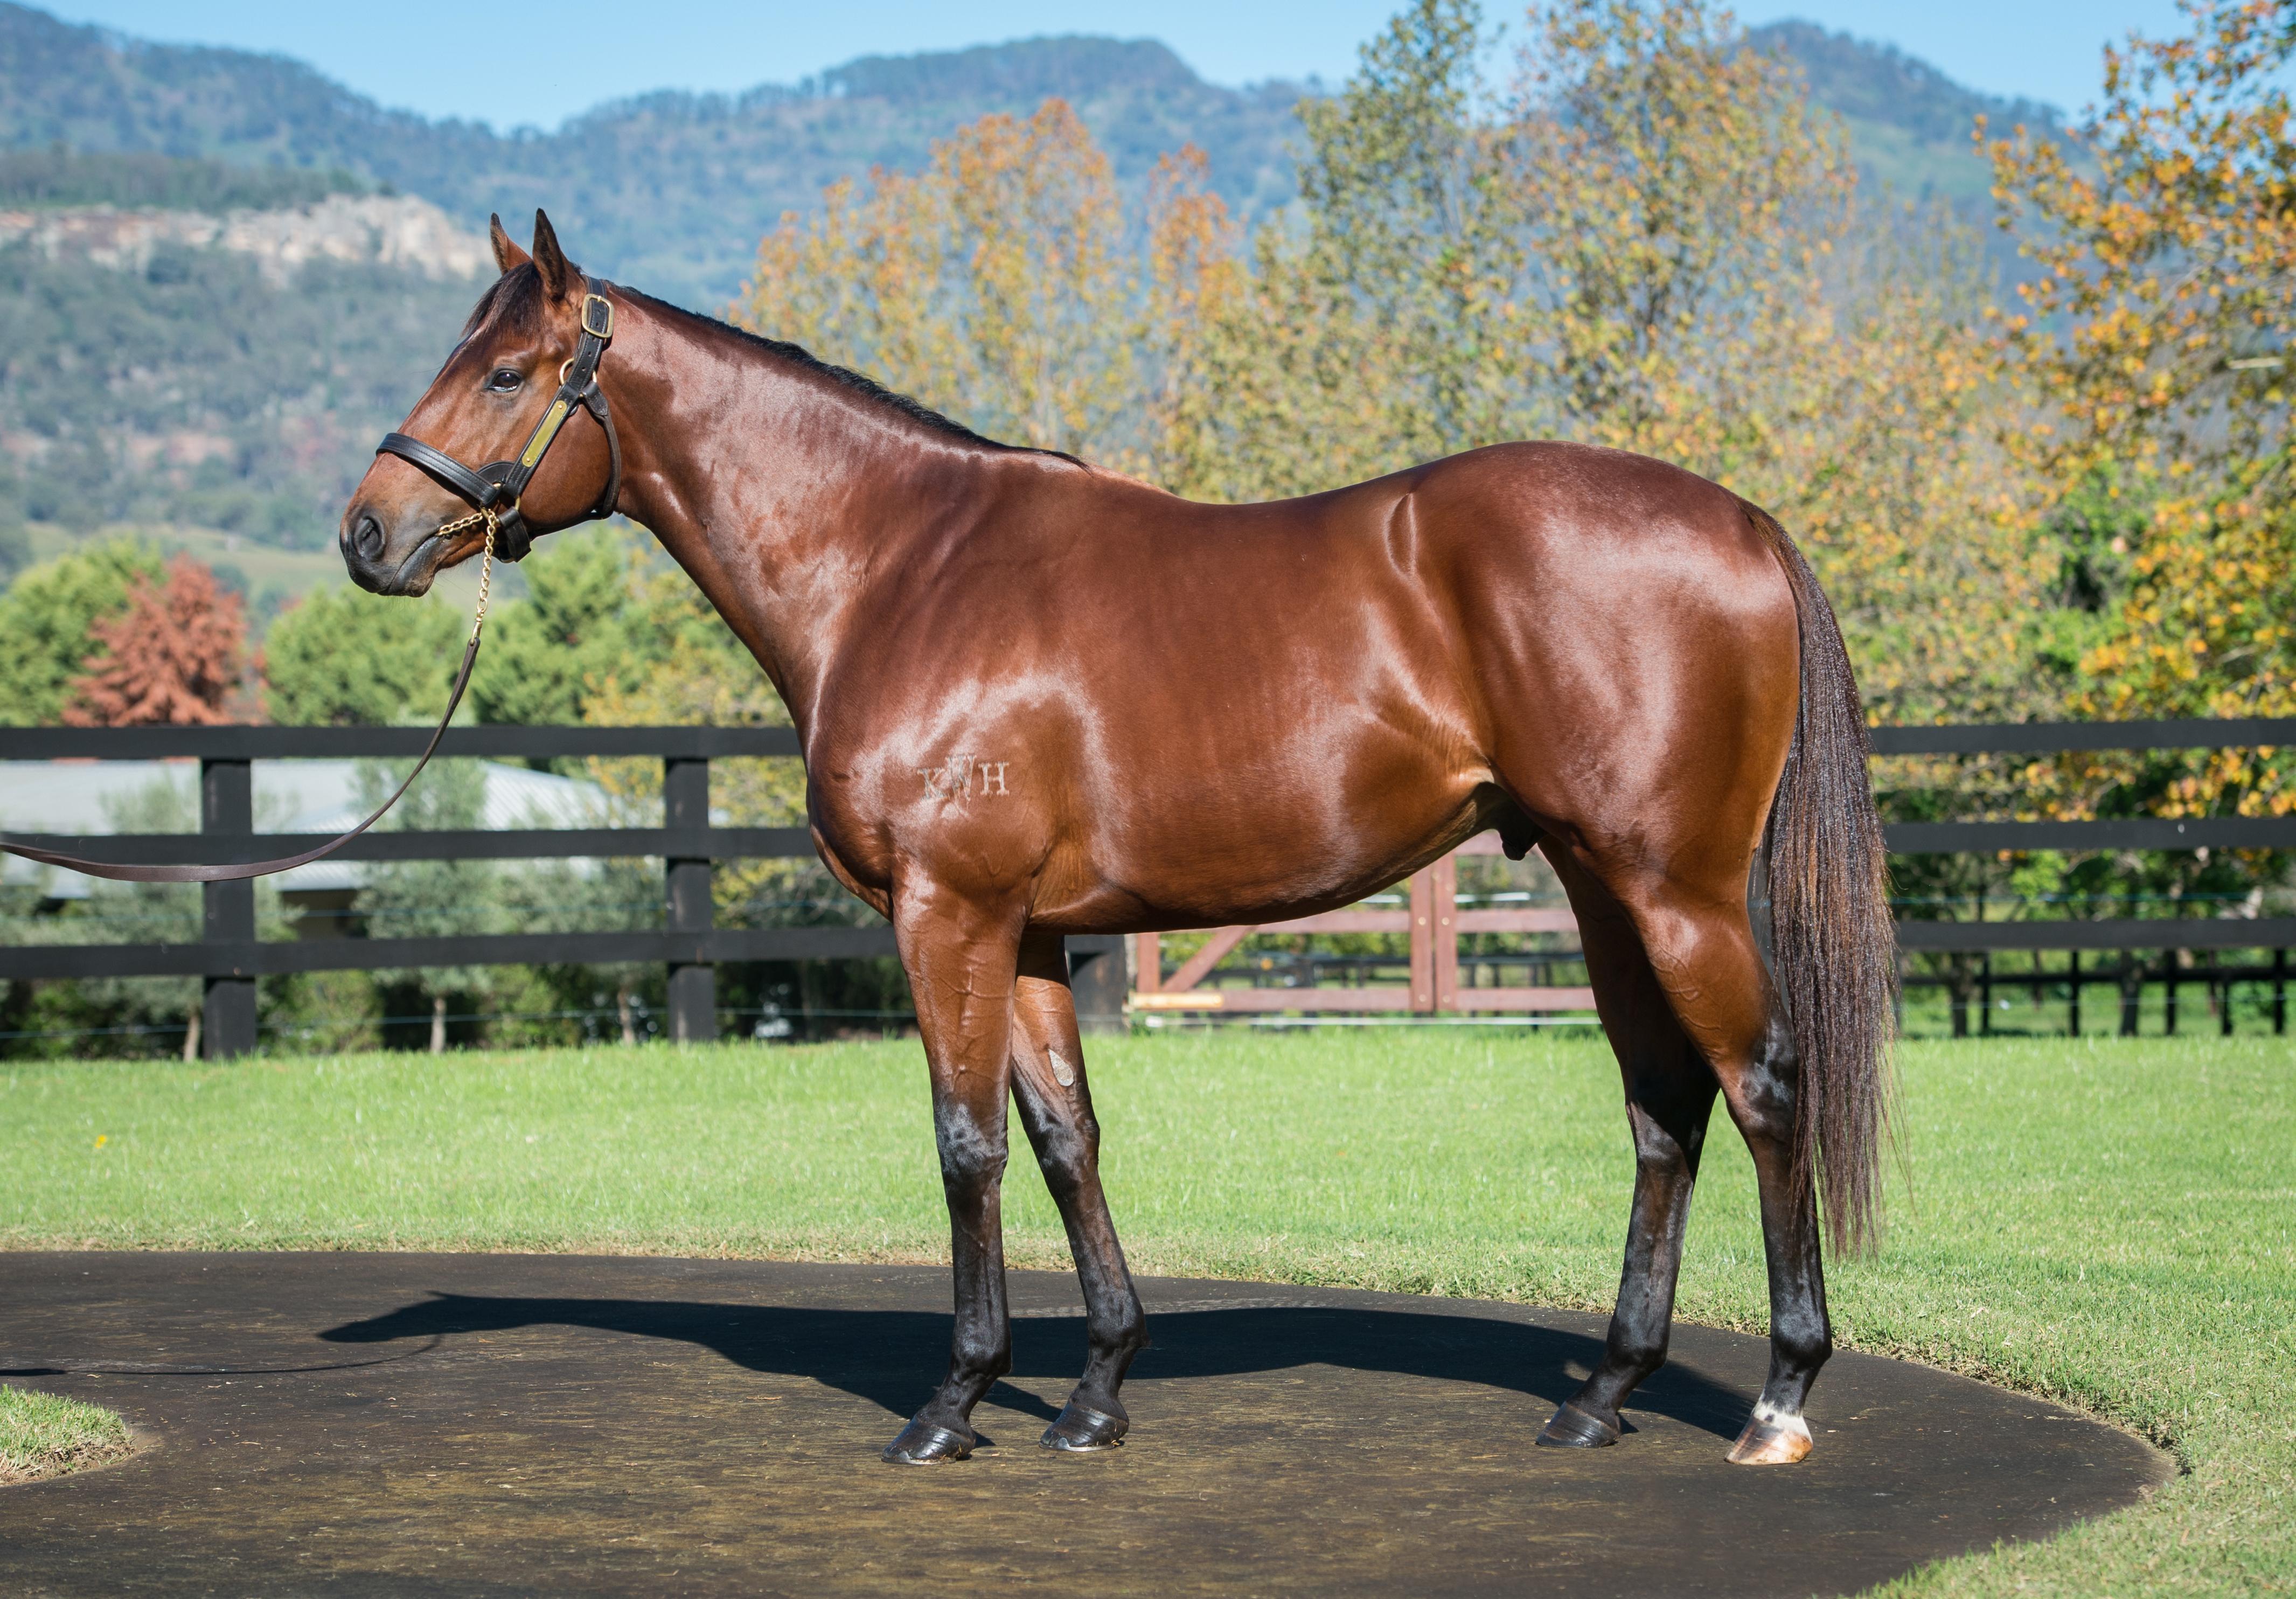 https://www.stallions.com.au/wp-content/uploads/2020/05/2020-05_Dubious_Conformation2_Credit-Katrina-Partridge_Ed.jpg